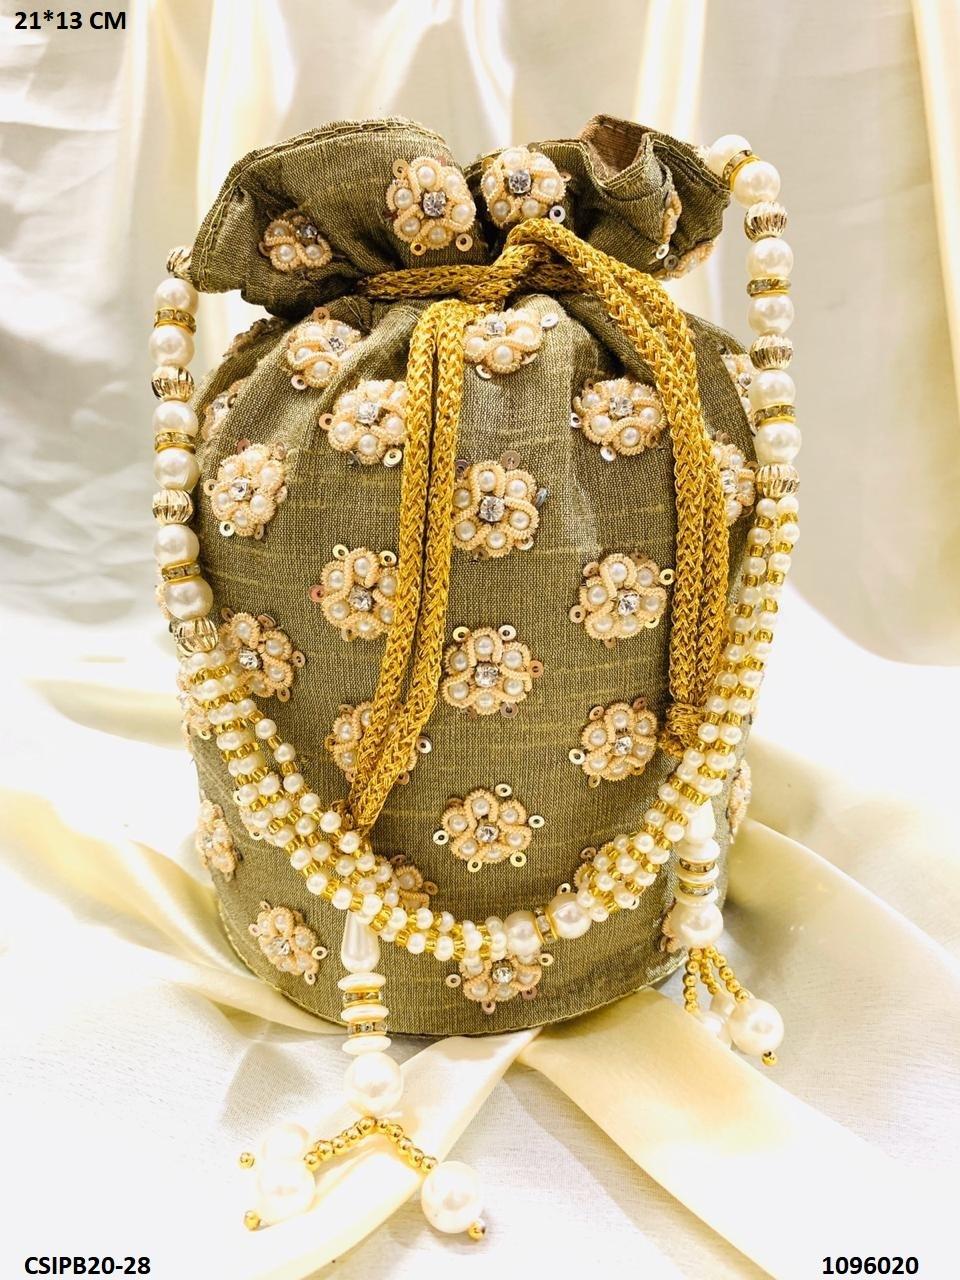 Handmade Traditional Potli Bag